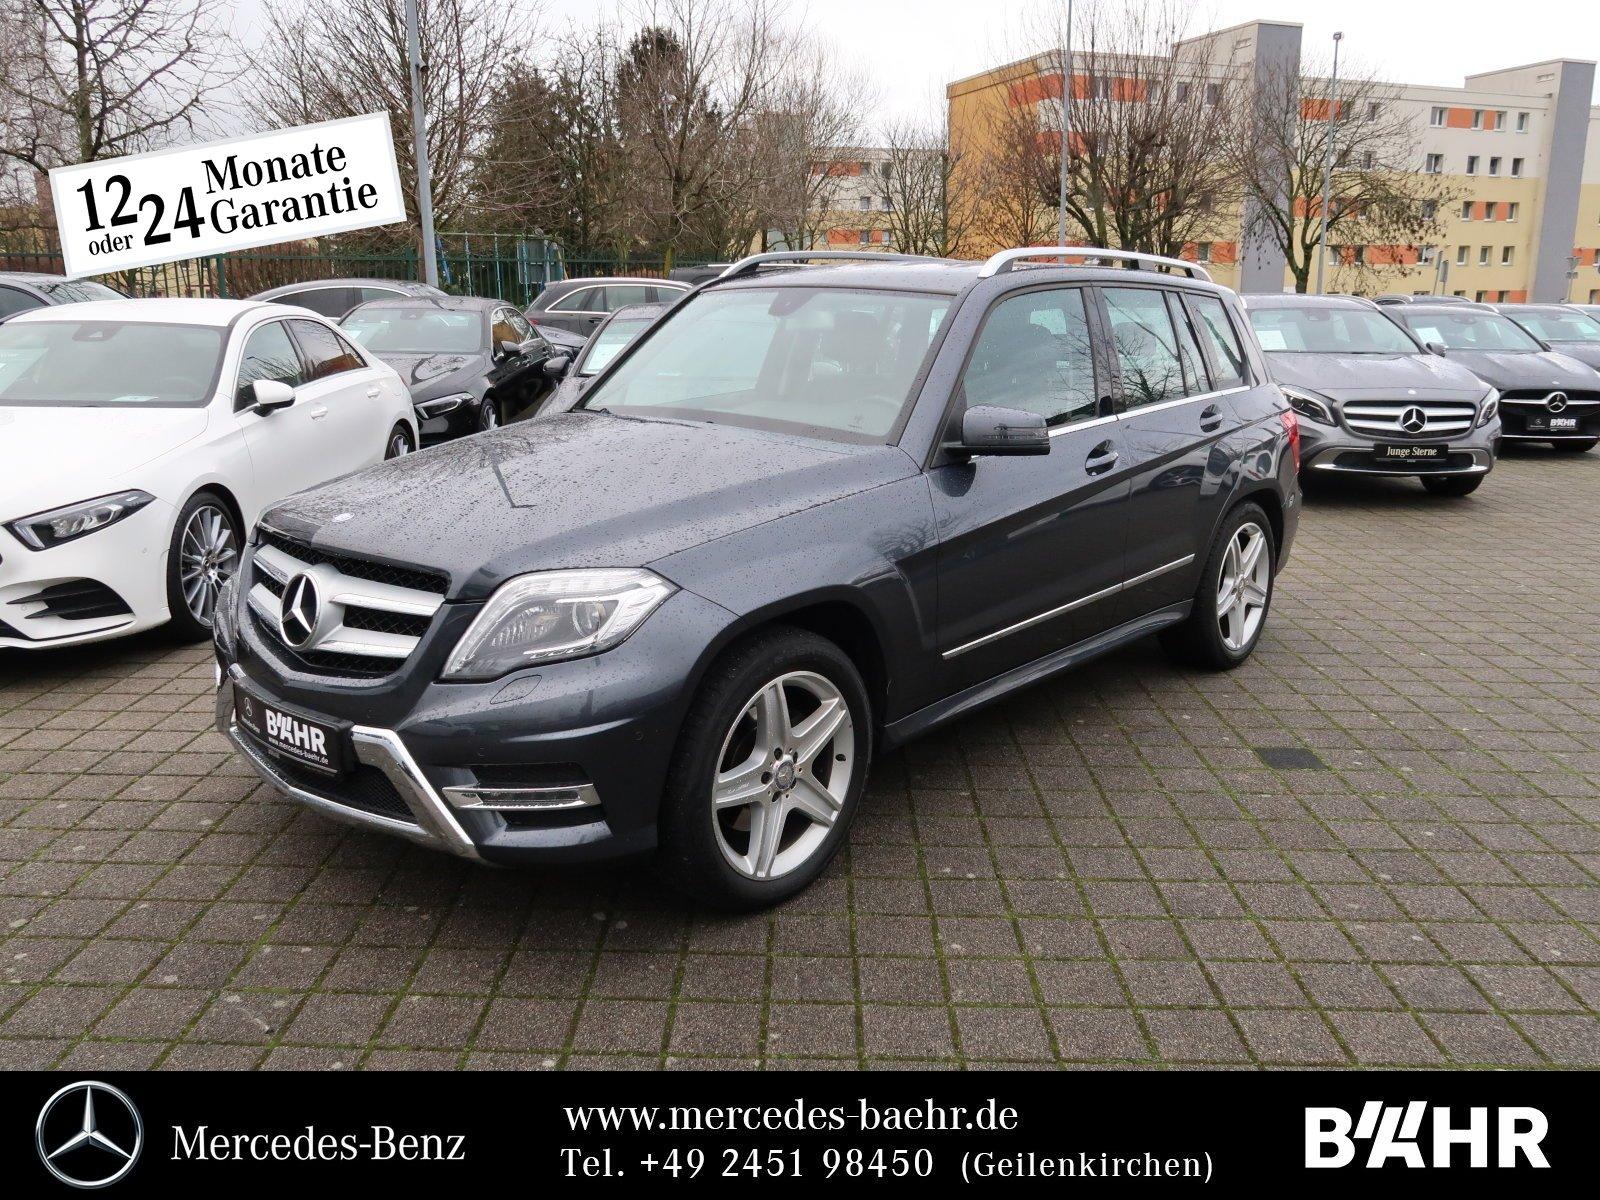 """Mercedes-Benz GLK 220 CDI 4M AMG/Navi/ILS/AHK/Park/SHZ/LMR-19"""", Jahr 2013, diesel"""